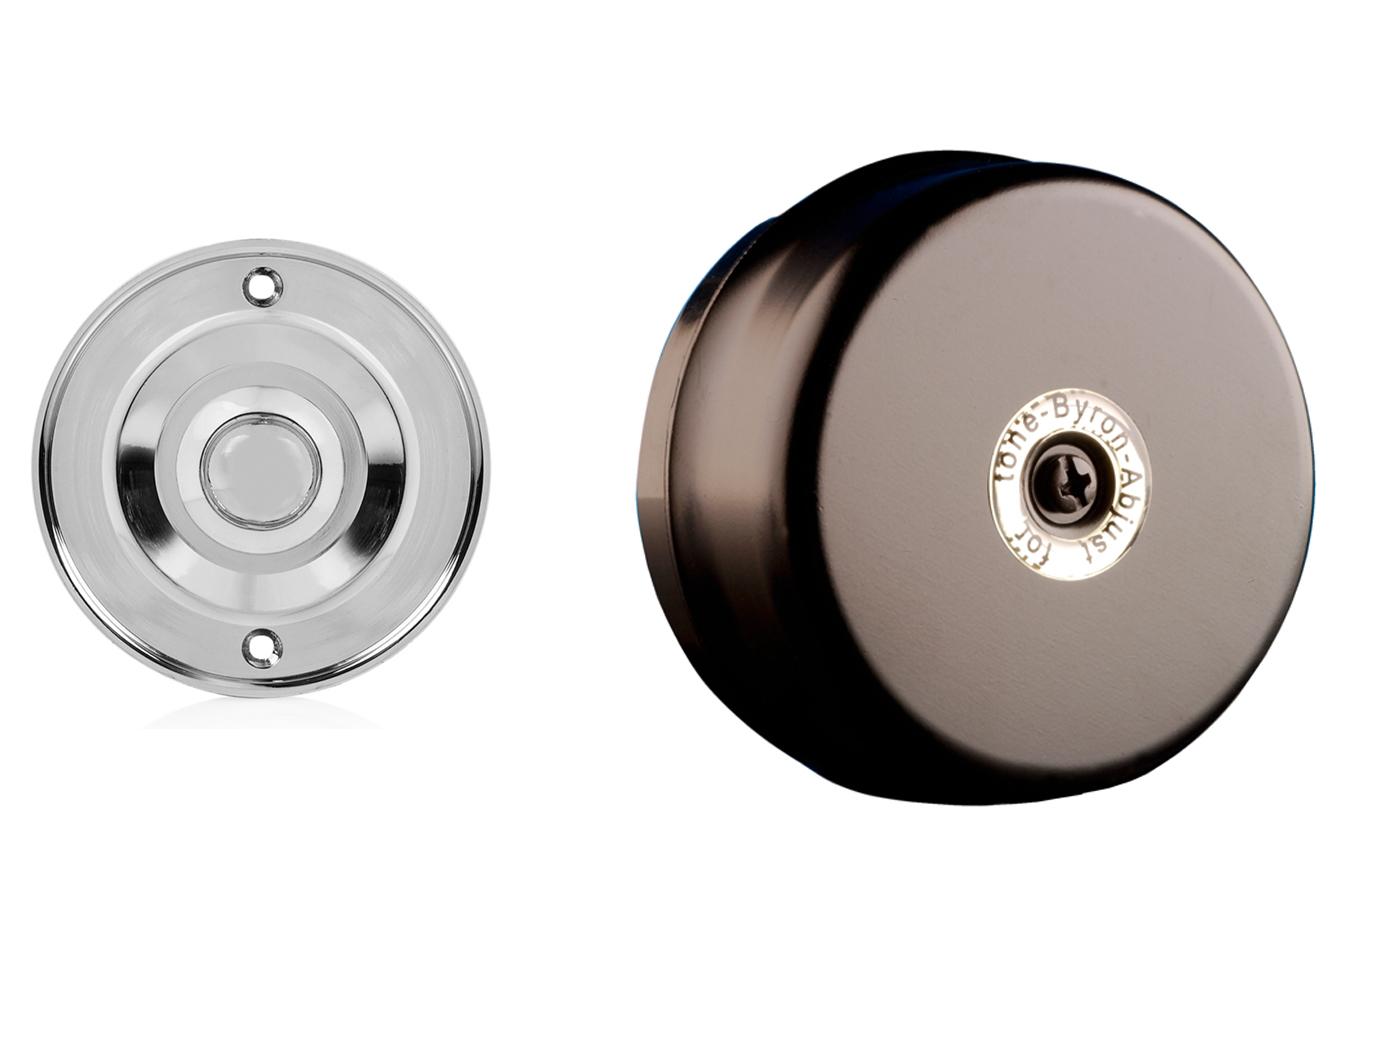 Berühmt Elektrische Türklingel schwarz rund mit Klingelknopf Chrom, 2 FK45